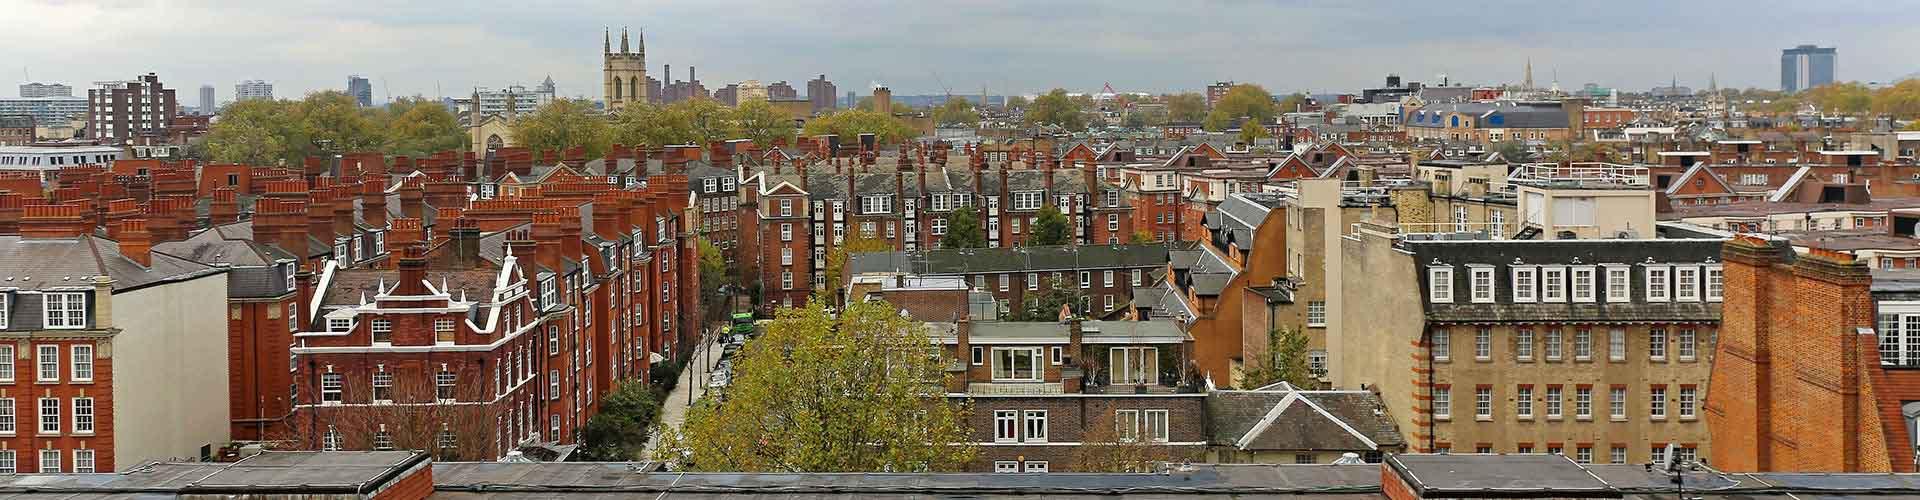 ロンドン – South Kensington地区のユースホステル. 地図 ロンドン, すべてのユースホステルの写真とレビュー ロンドン.